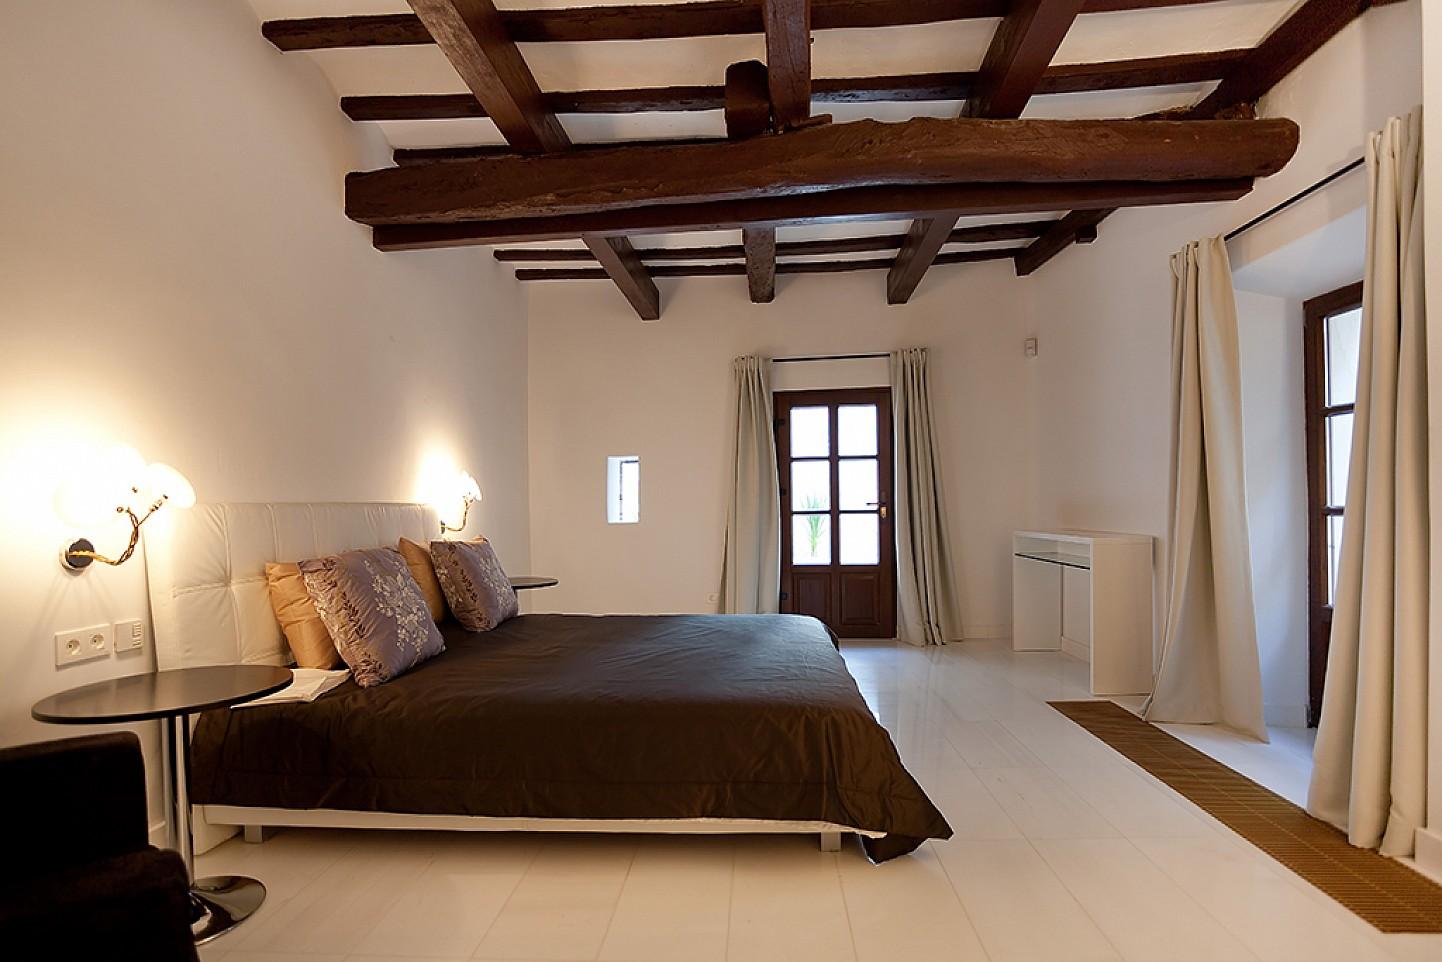 Шикарная спальня дома в аренду в центре Ибицы